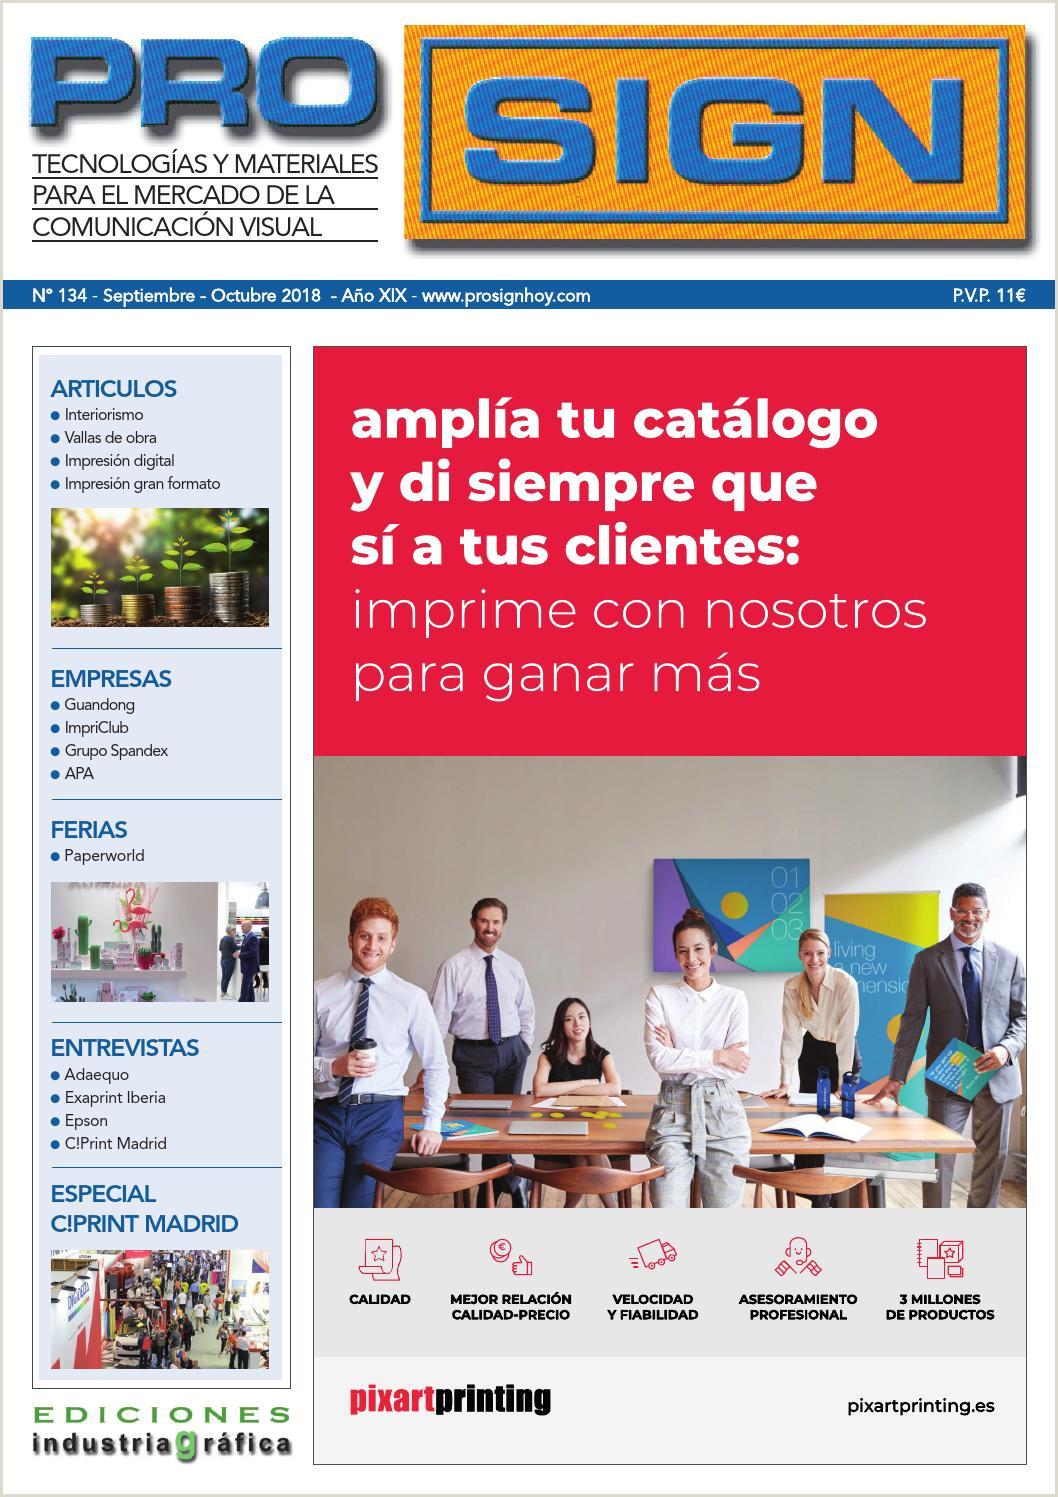 Formato Unico De Hoja De Vida Imprimir Prosign 134 Septiembre Octubre 2018 by Ediciones